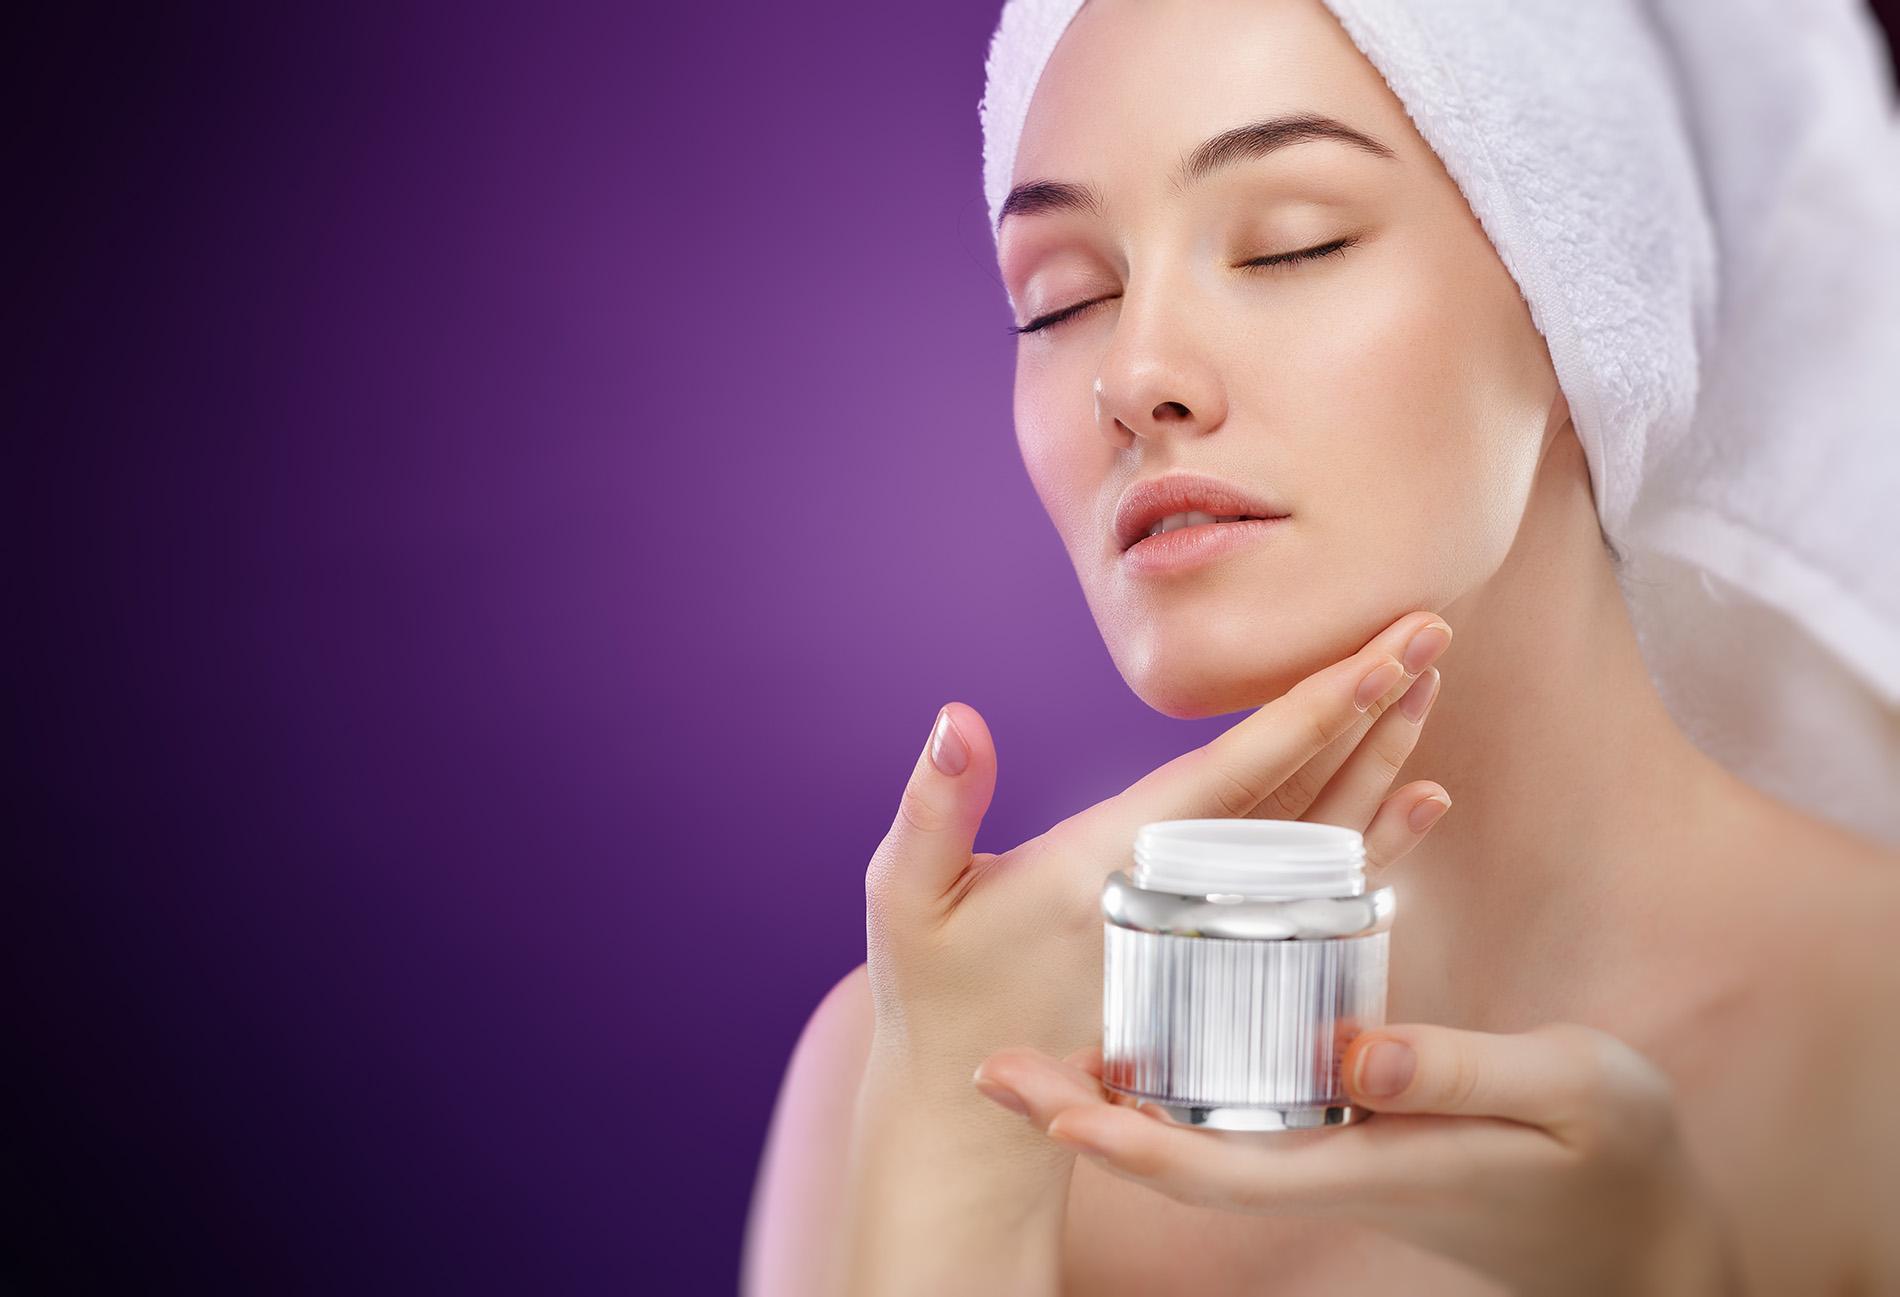 Обязательно ли применять крем для лица? Почему это важно